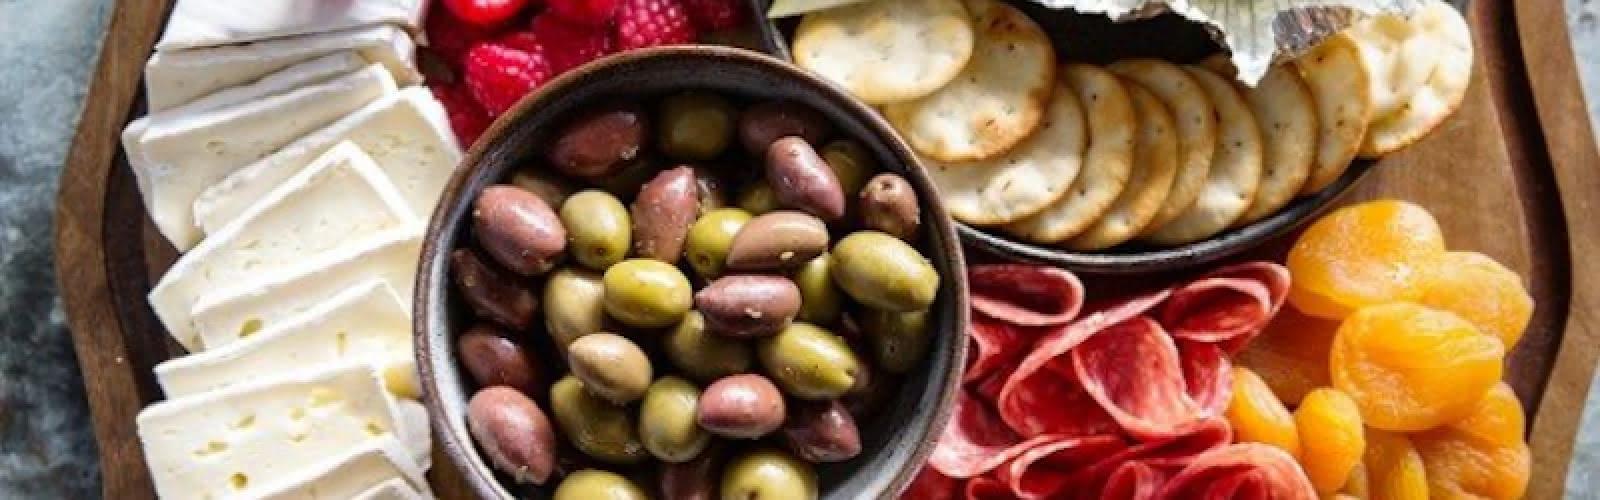 Week-end œnologique et gastronomie à Luzarches